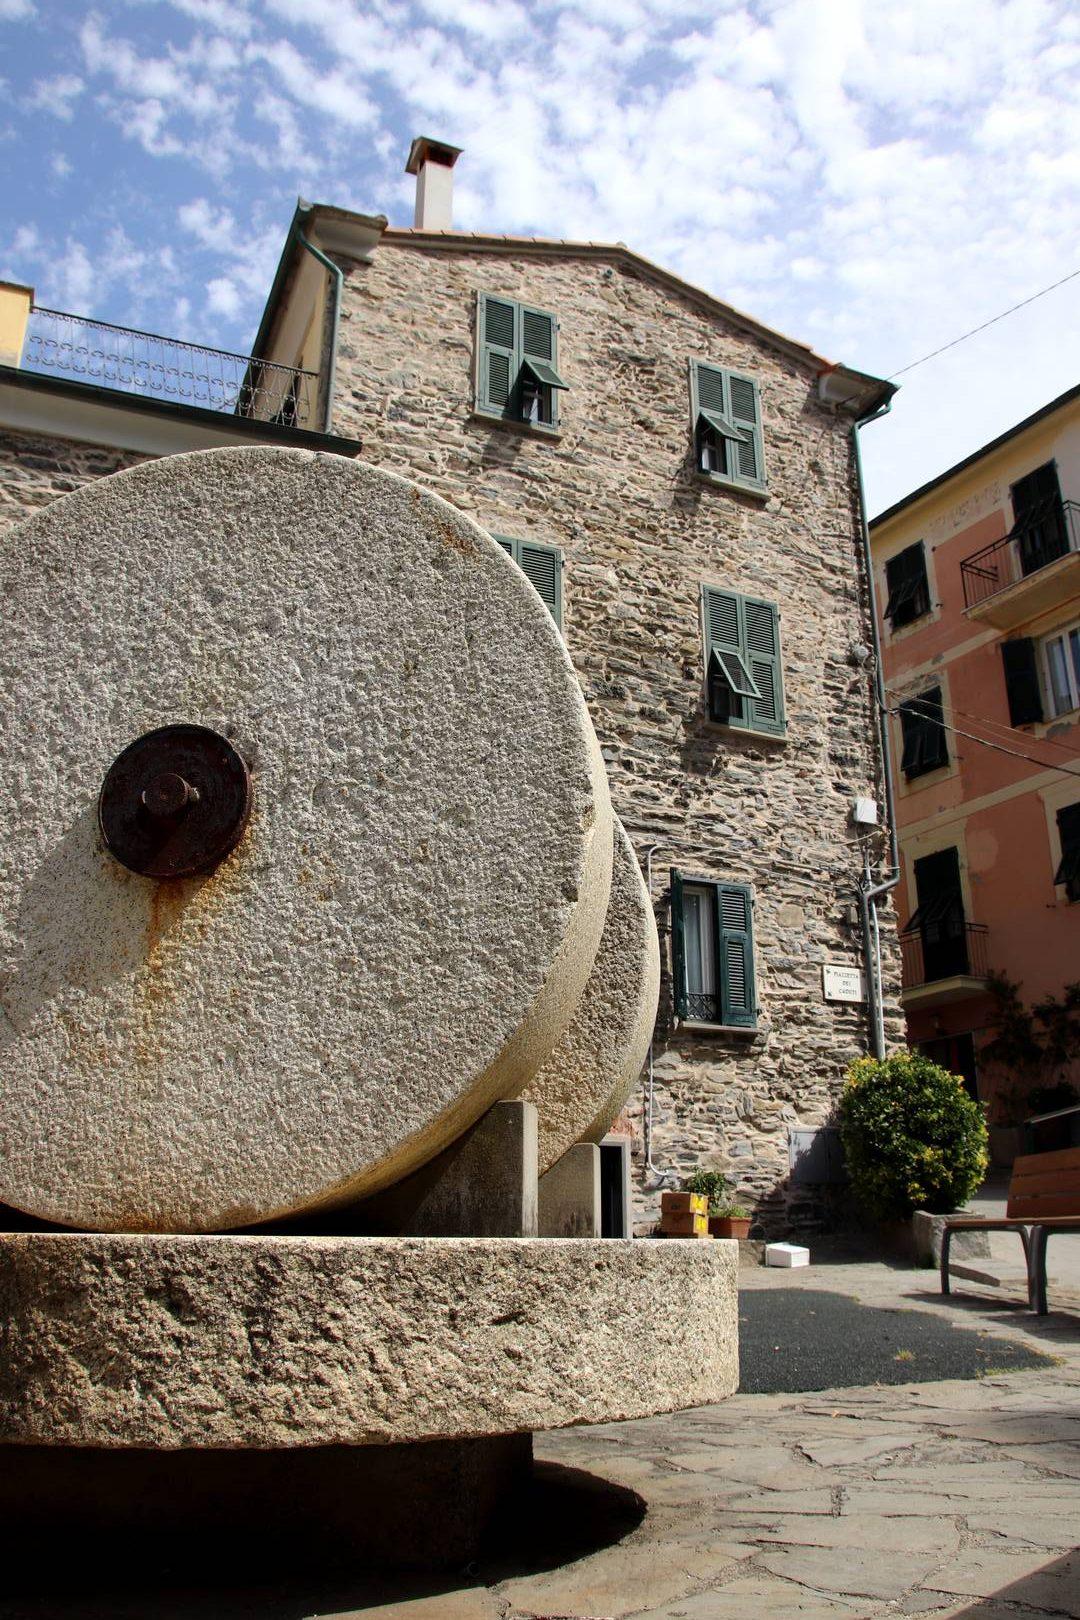 Italie - Puits dans le village de Vernazza, parc des cinque terre